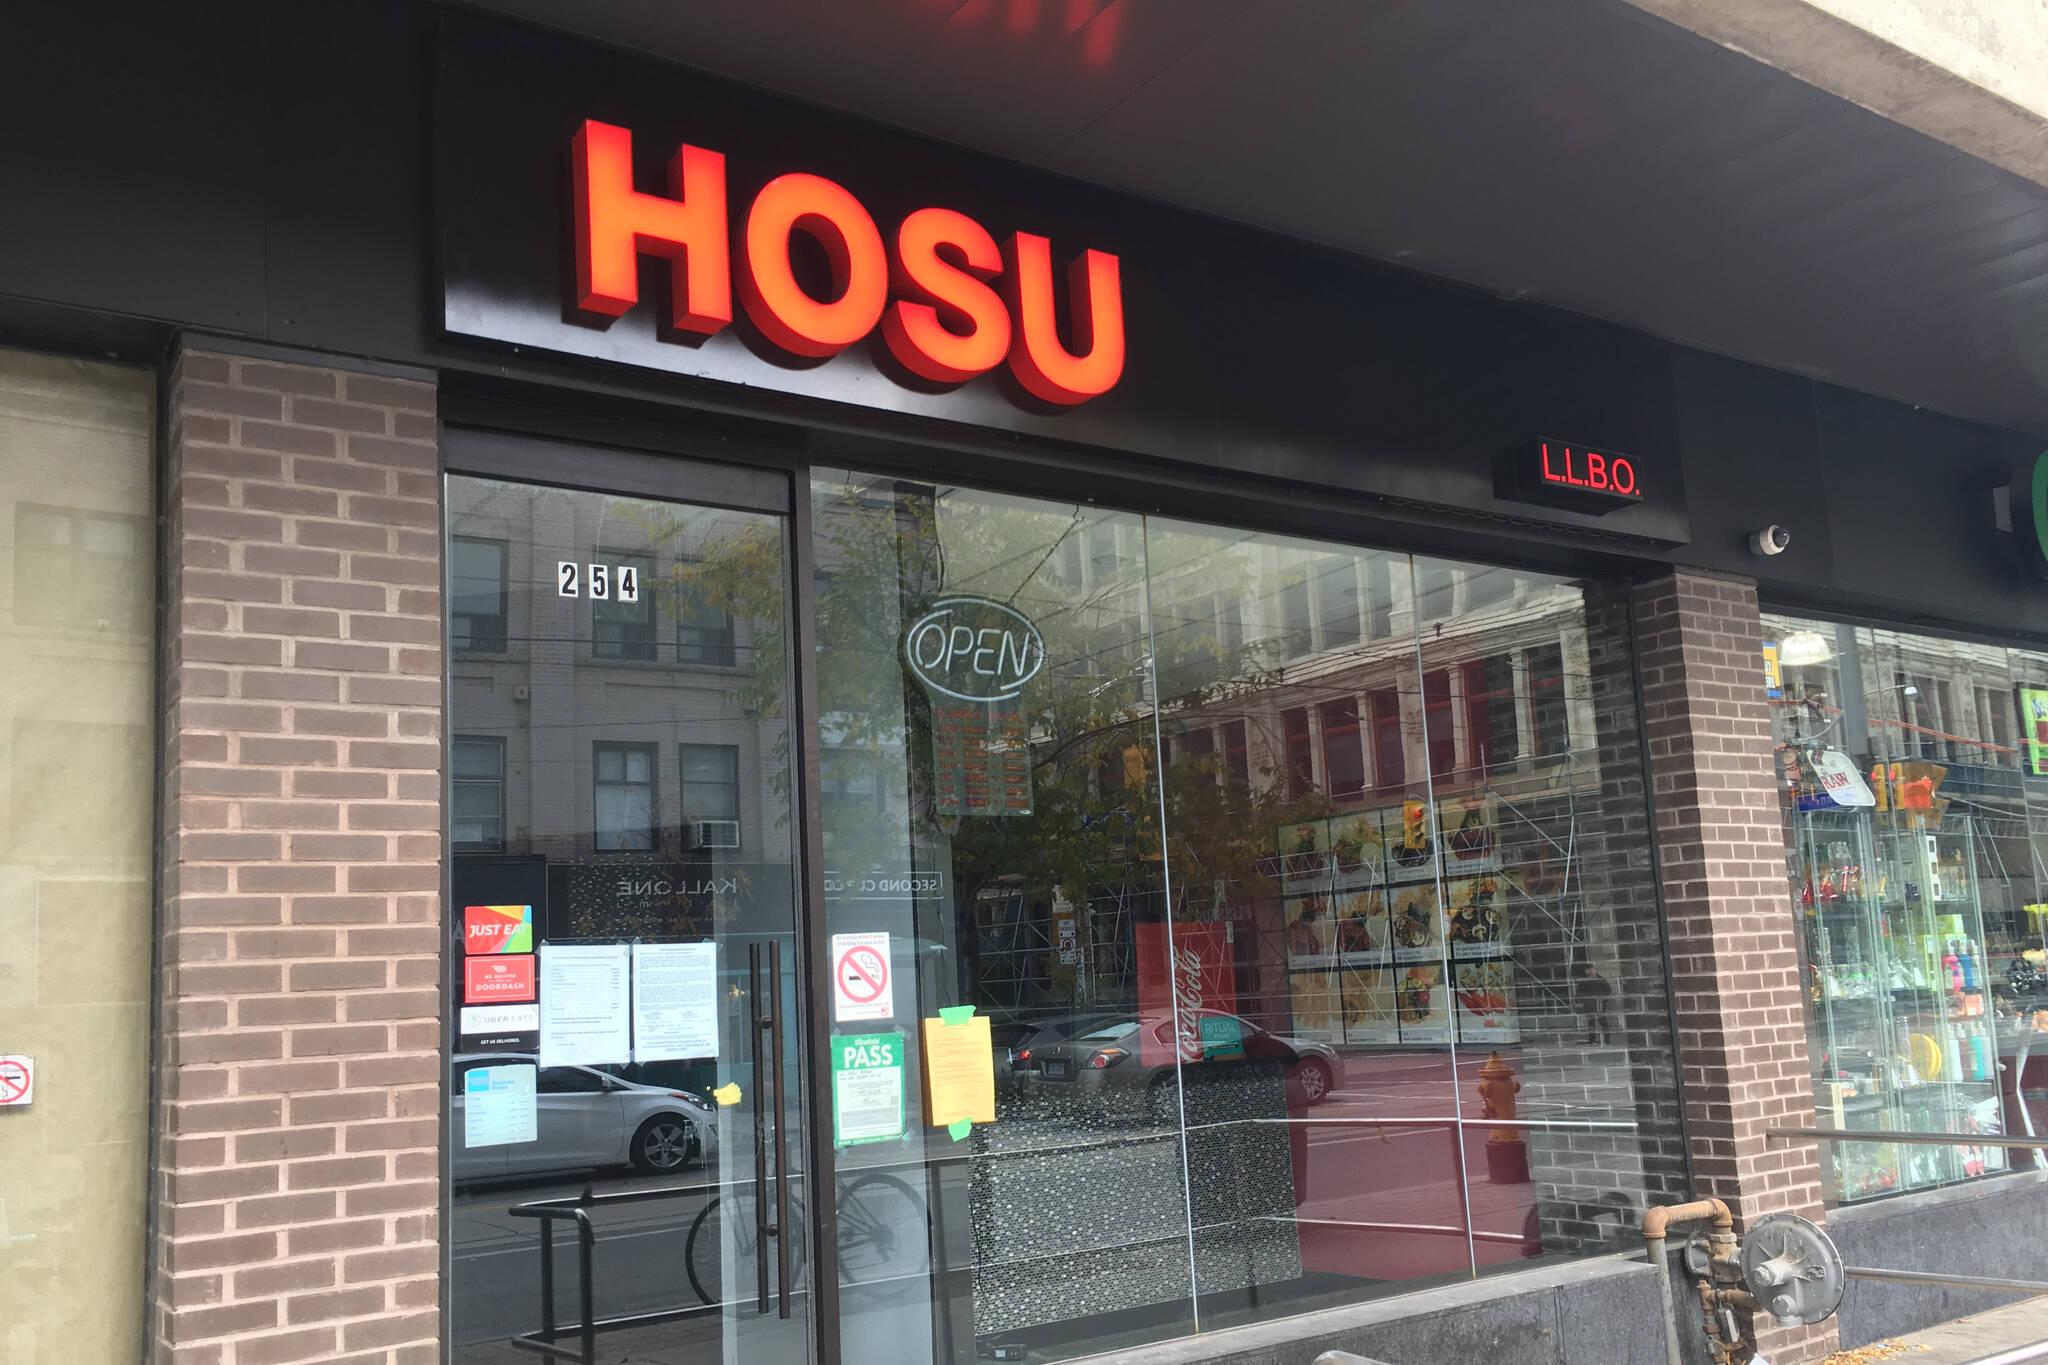 Hosu restaurant closed